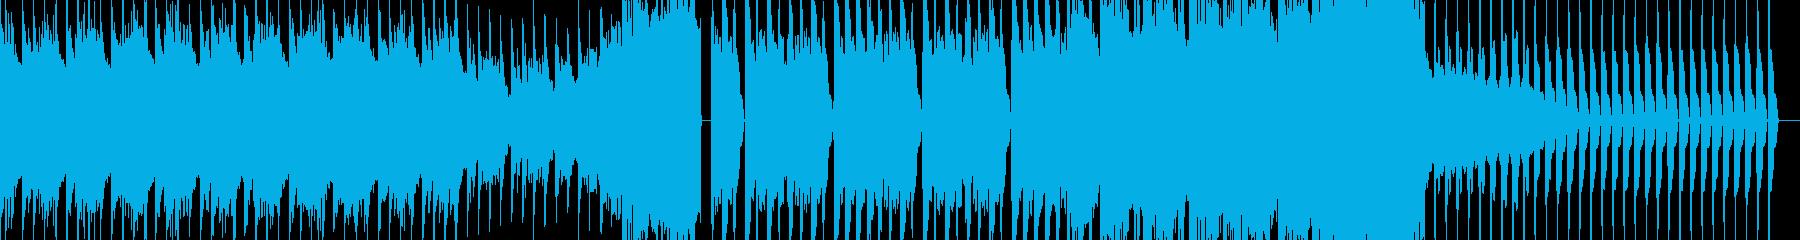 【EDM】力強く、アグレッシブなナンバーの再生済みの波形